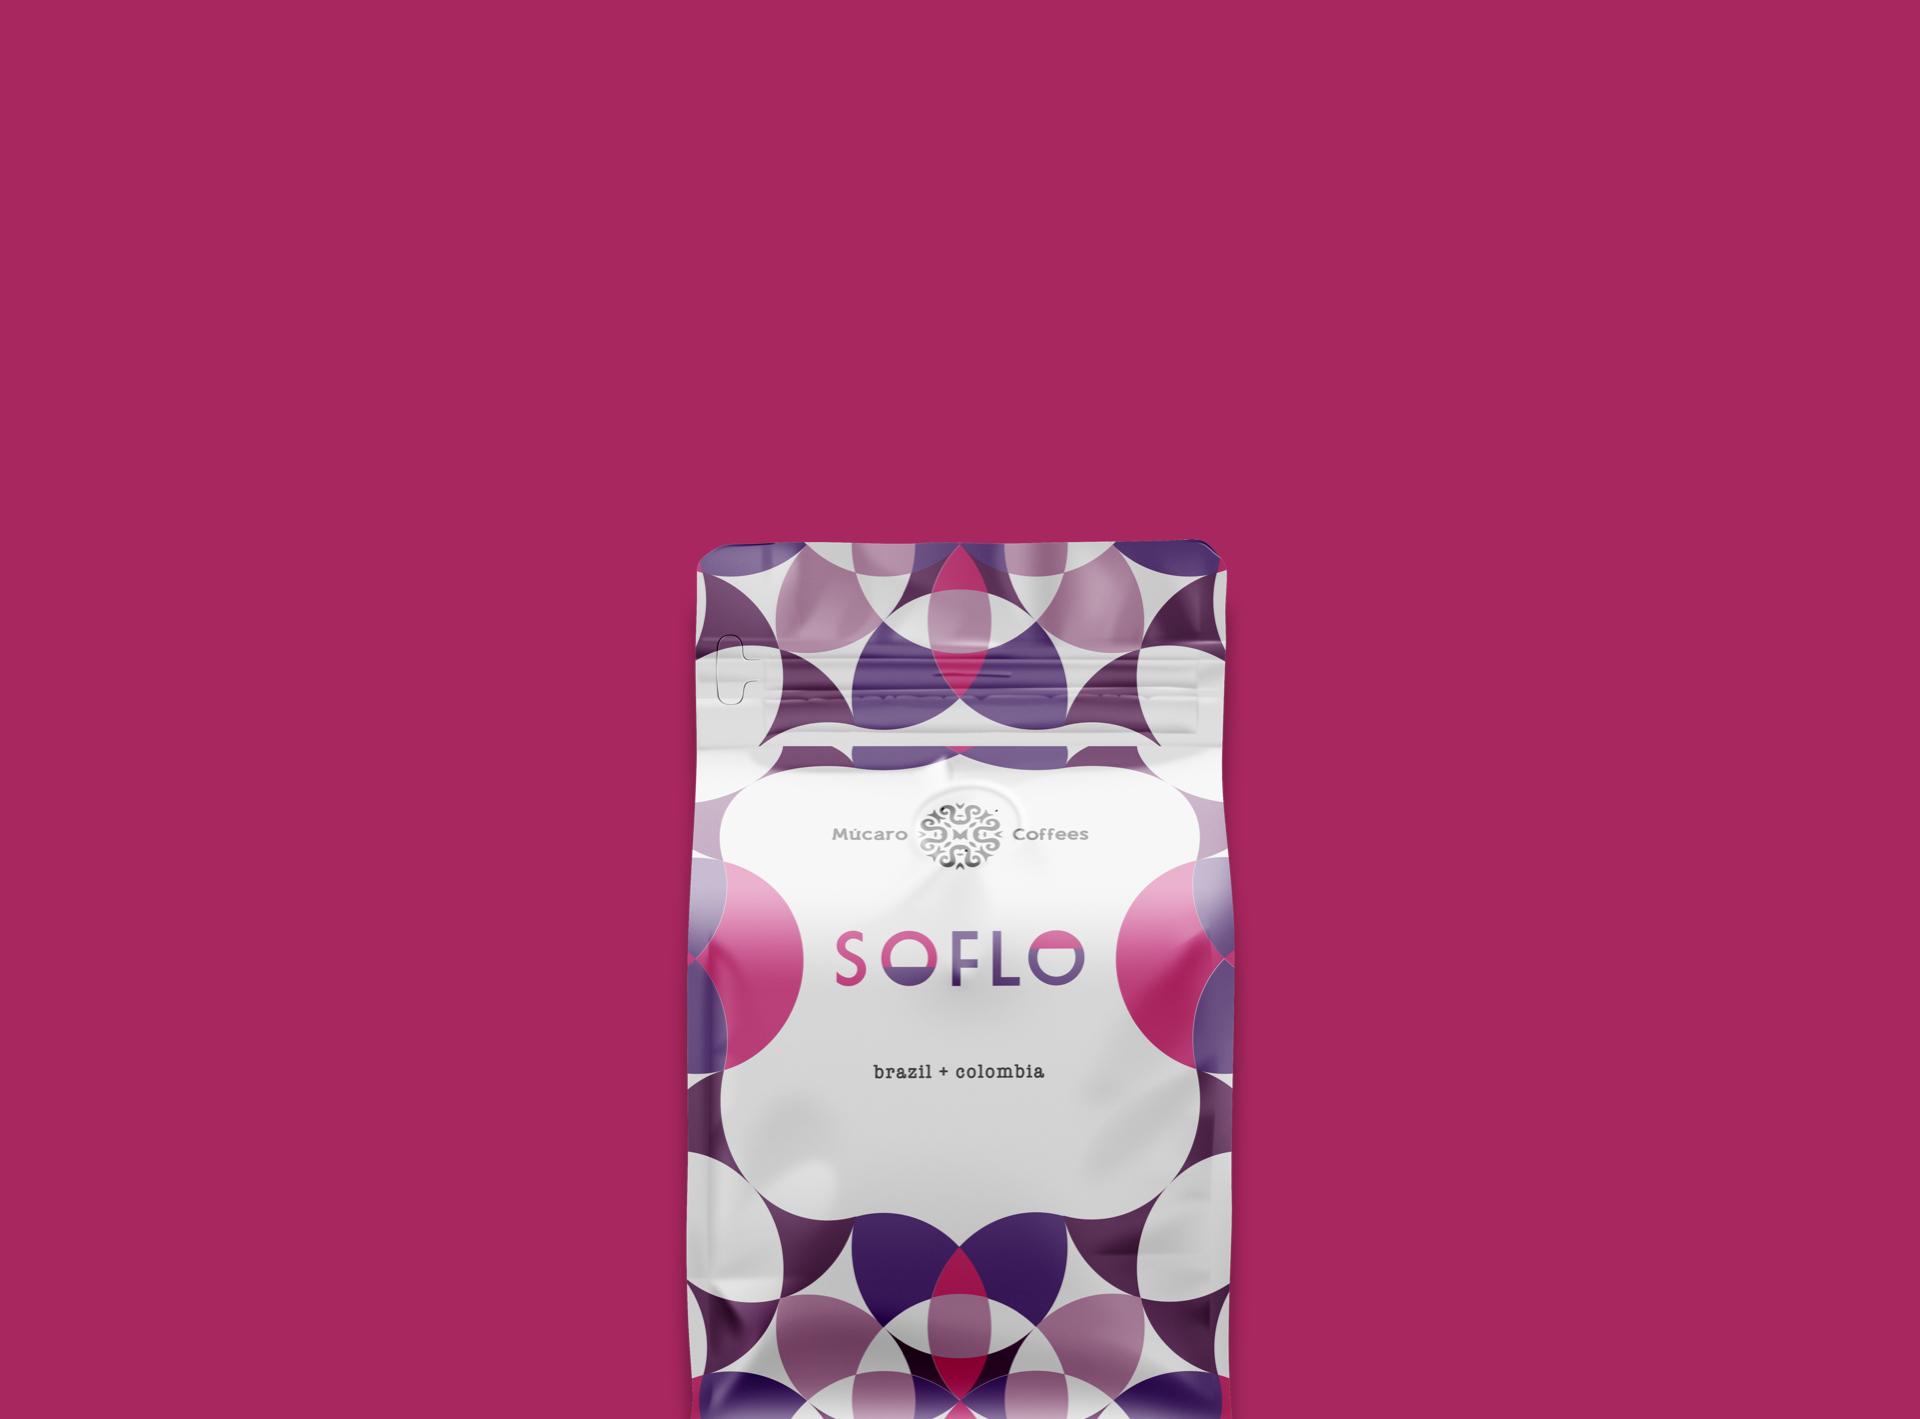 SoFlo Mockup Copy.jpg